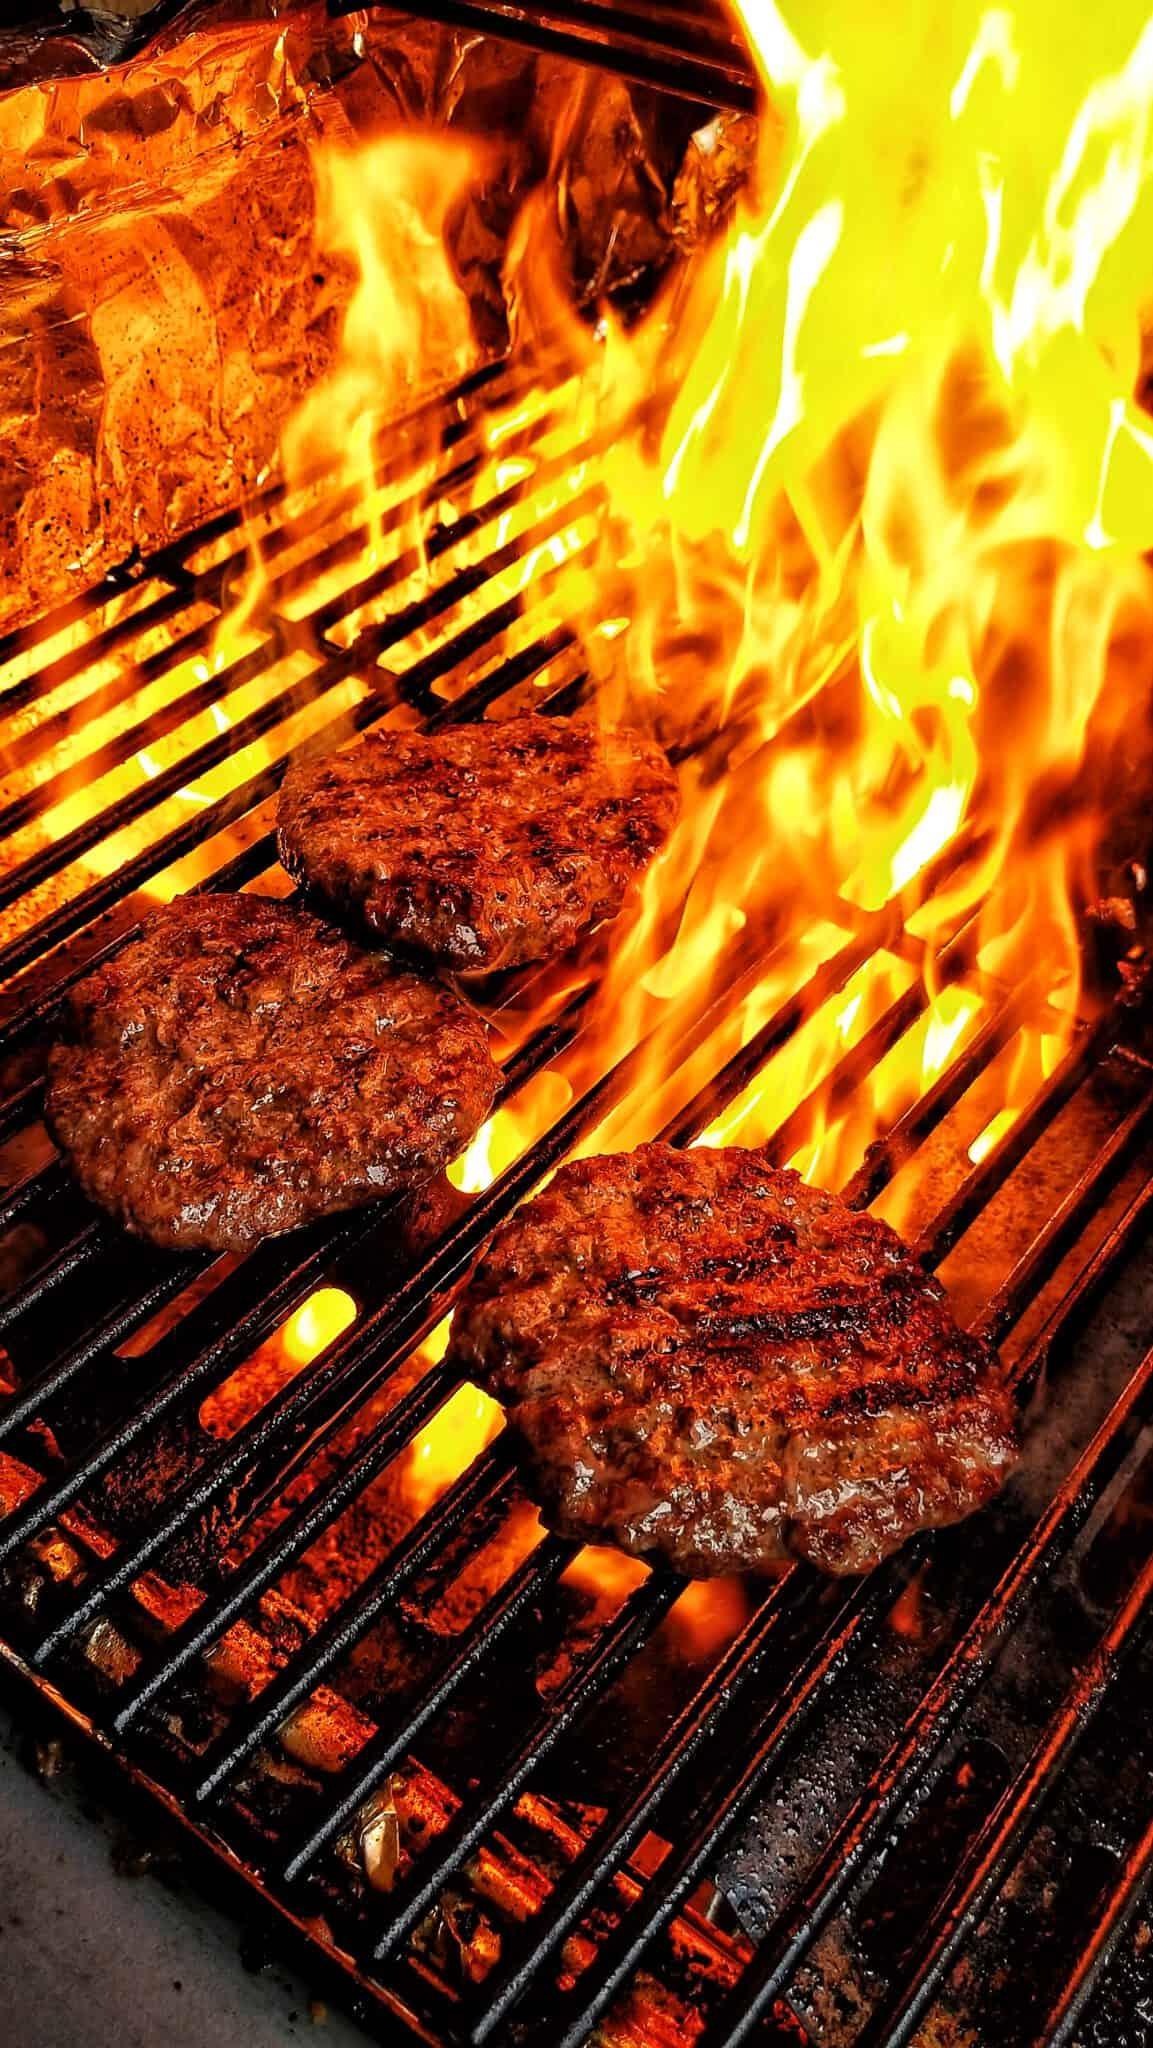 Burger auf einem Grill mit Flammen im Hintergrund.